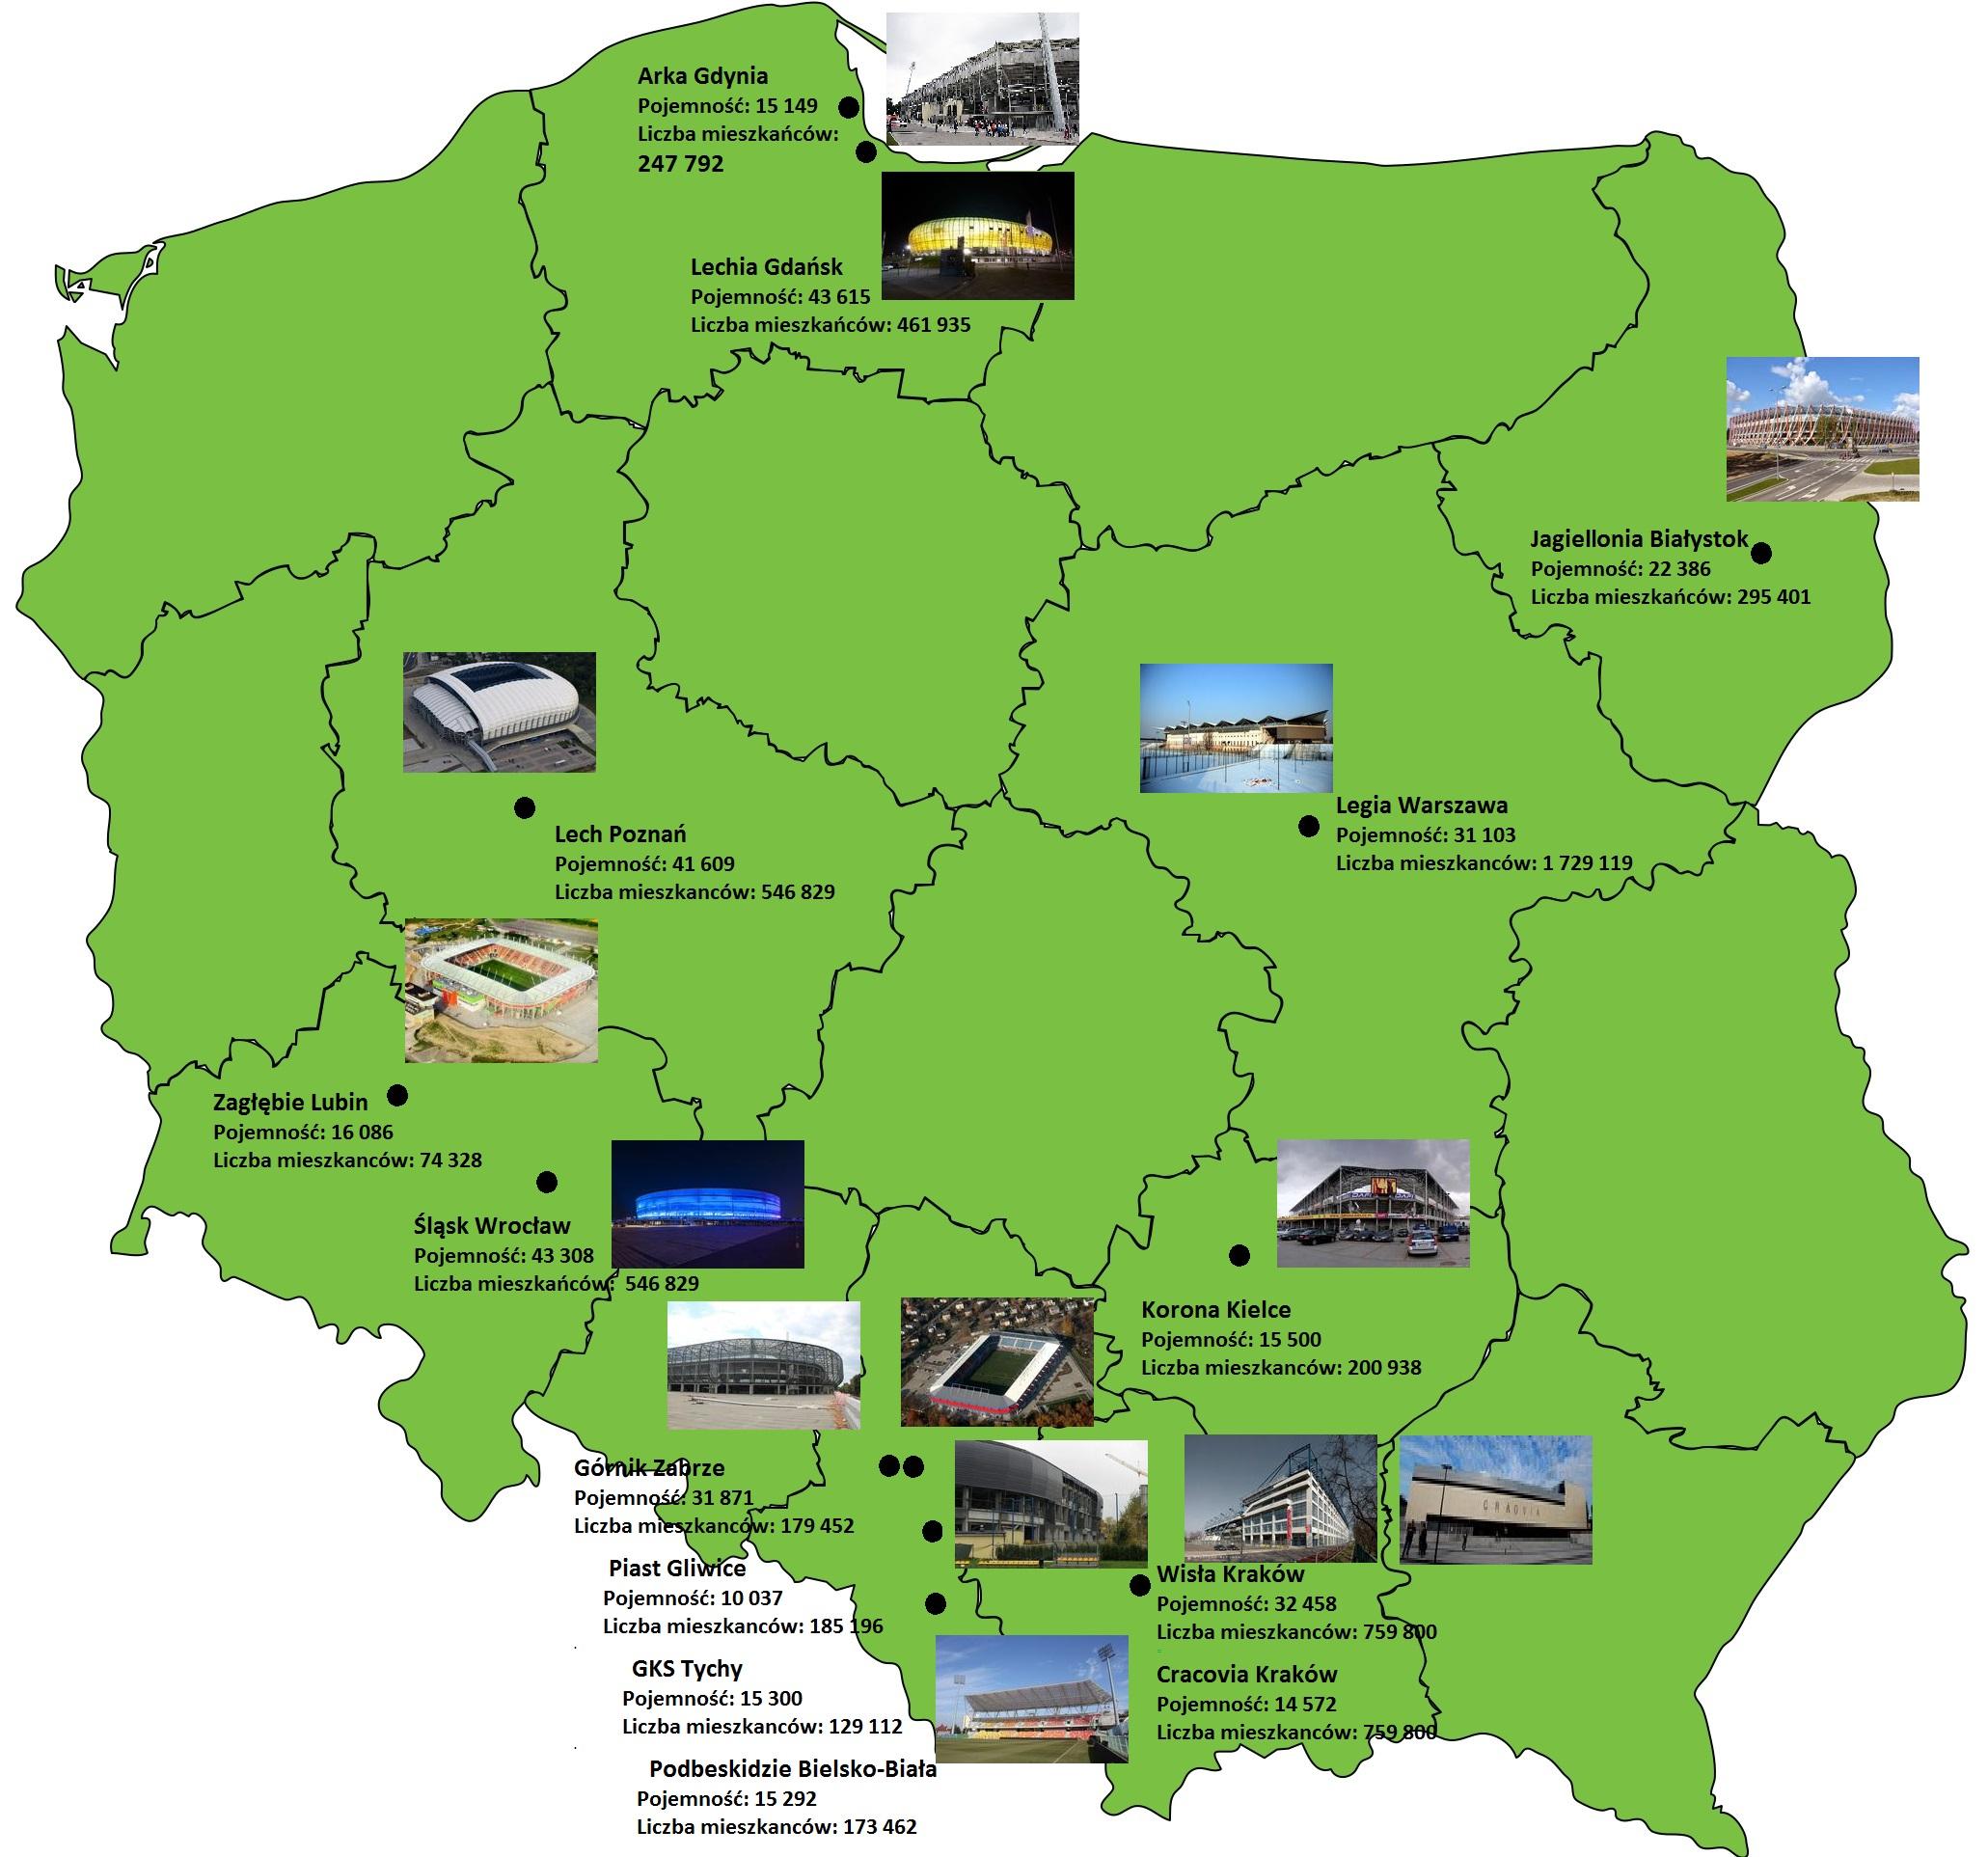 Mapa_Polski_Wojewodztwa_zswes1